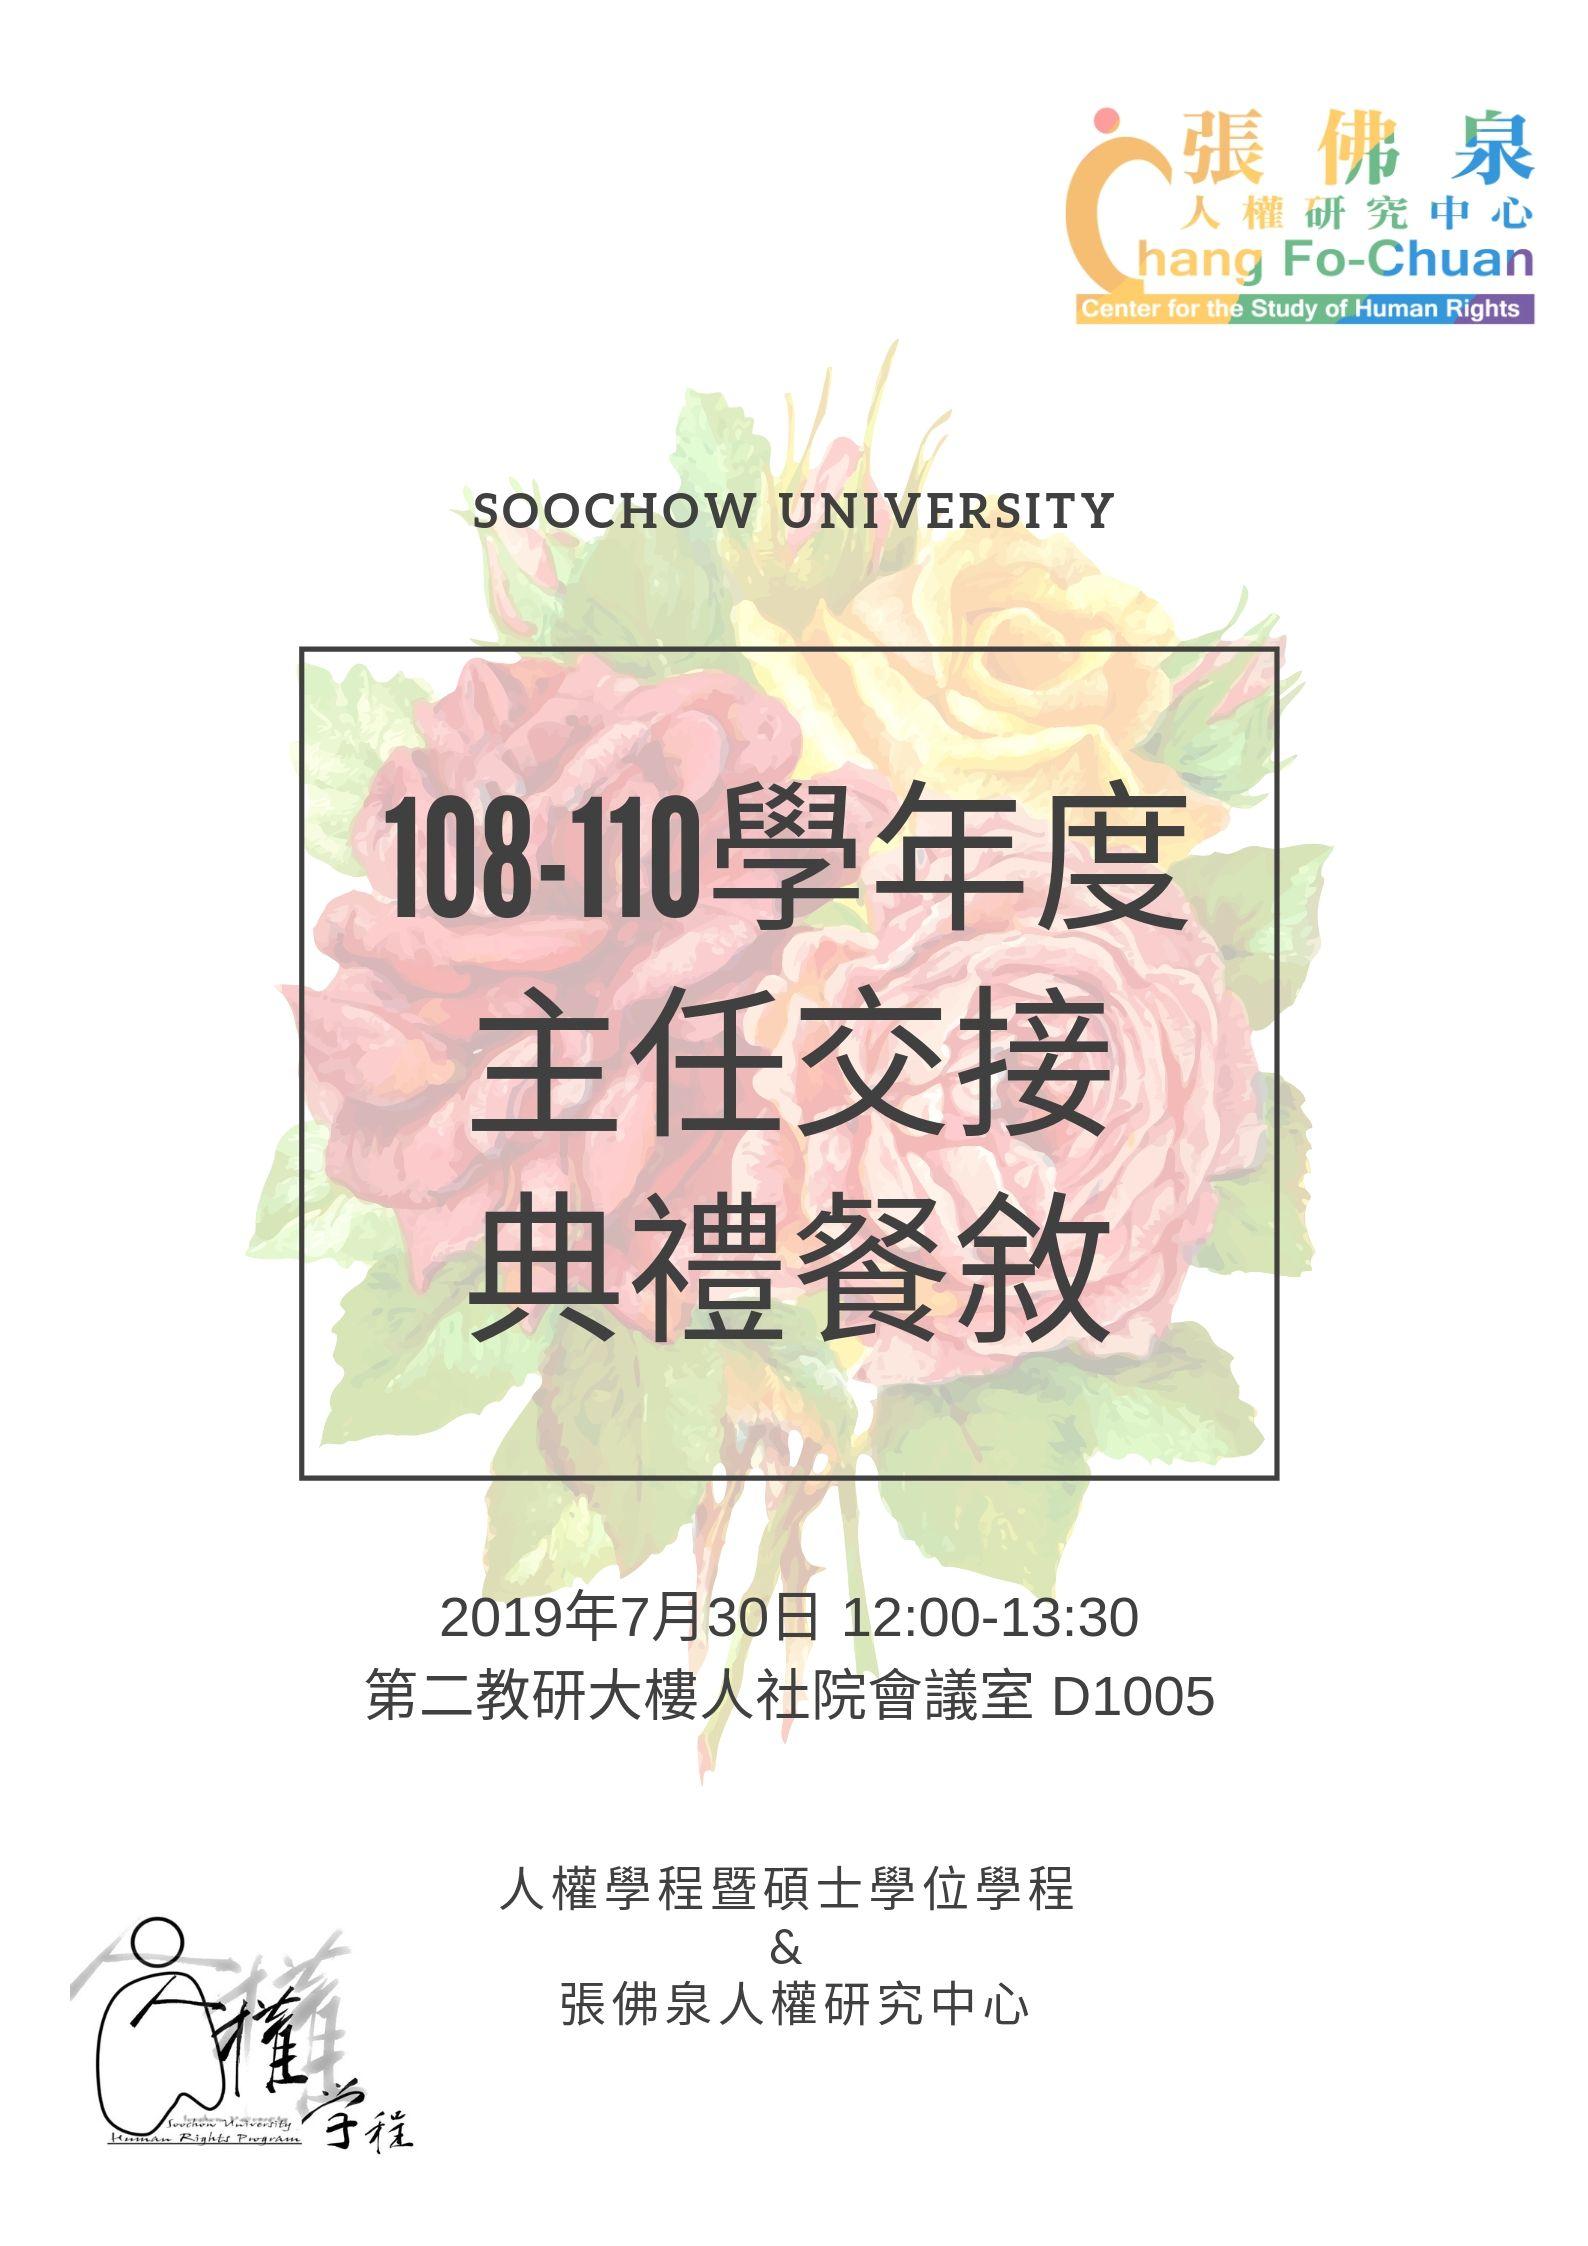 人權學程&張佛泉人權研究中心 108-110學年度主任交接典禮